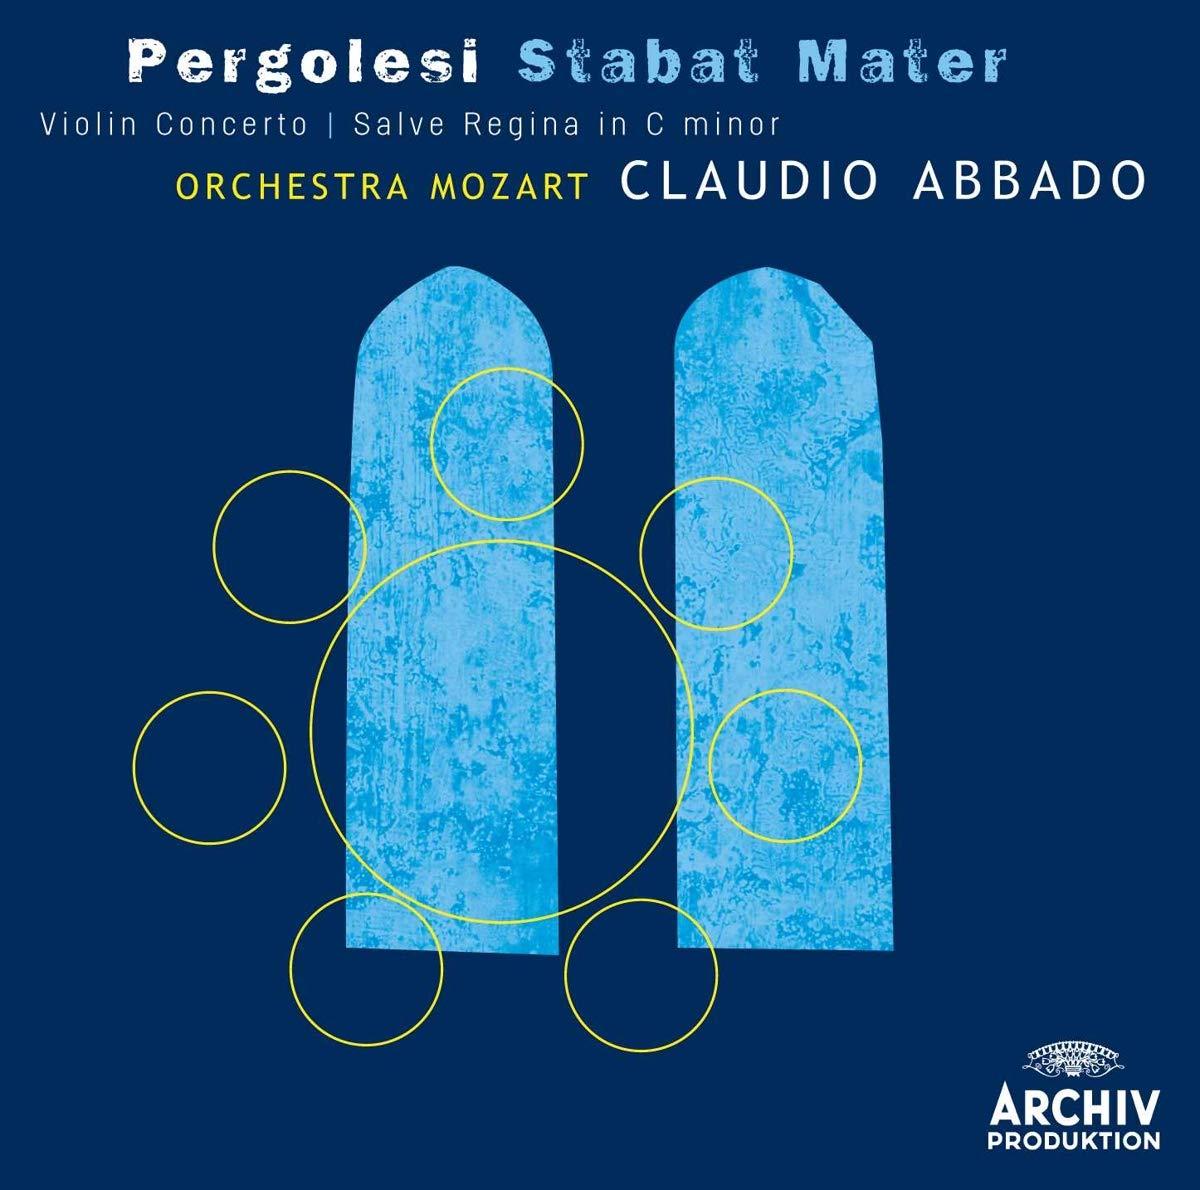 Giovanni Battista Pergolesi, Salve Regina in C minor